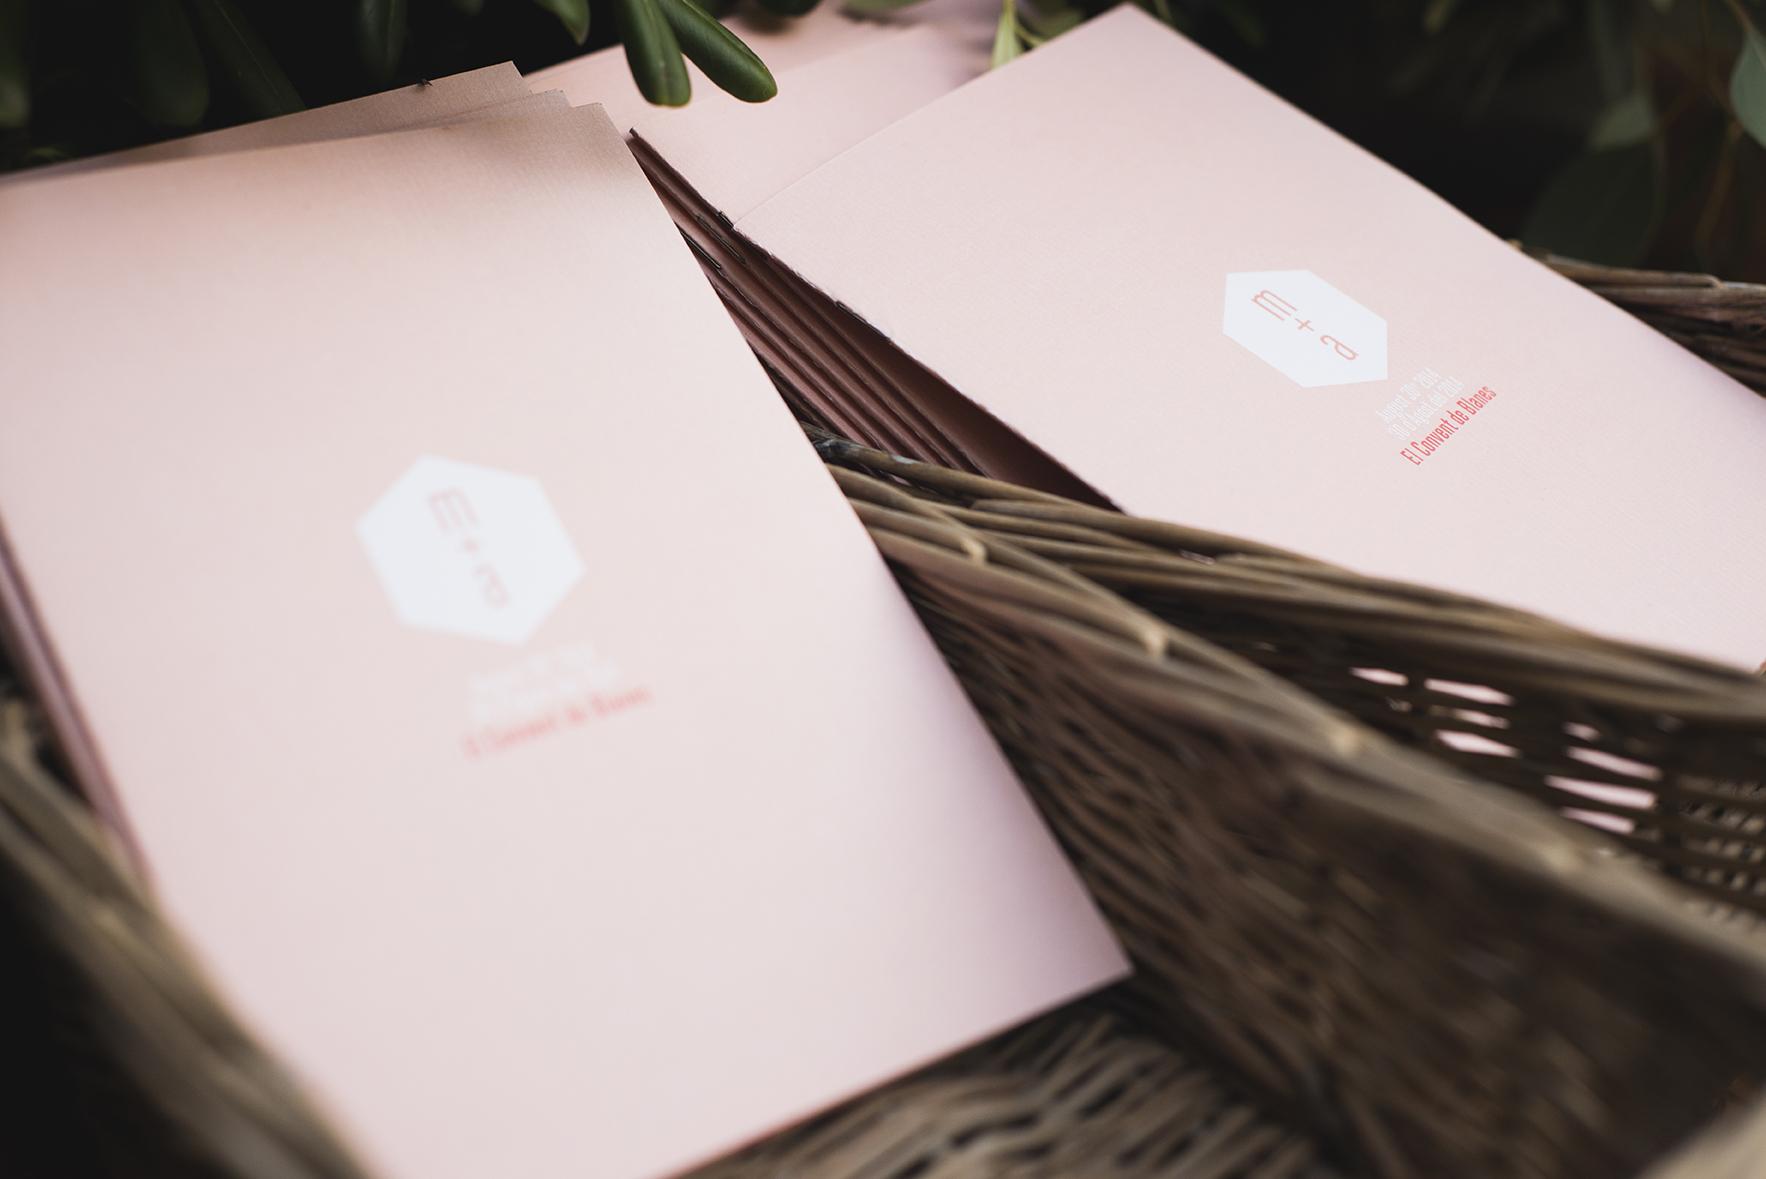 presumedeboda-wedding-planners-madrid-barcelona-boda-americana-castillo-blanes-12